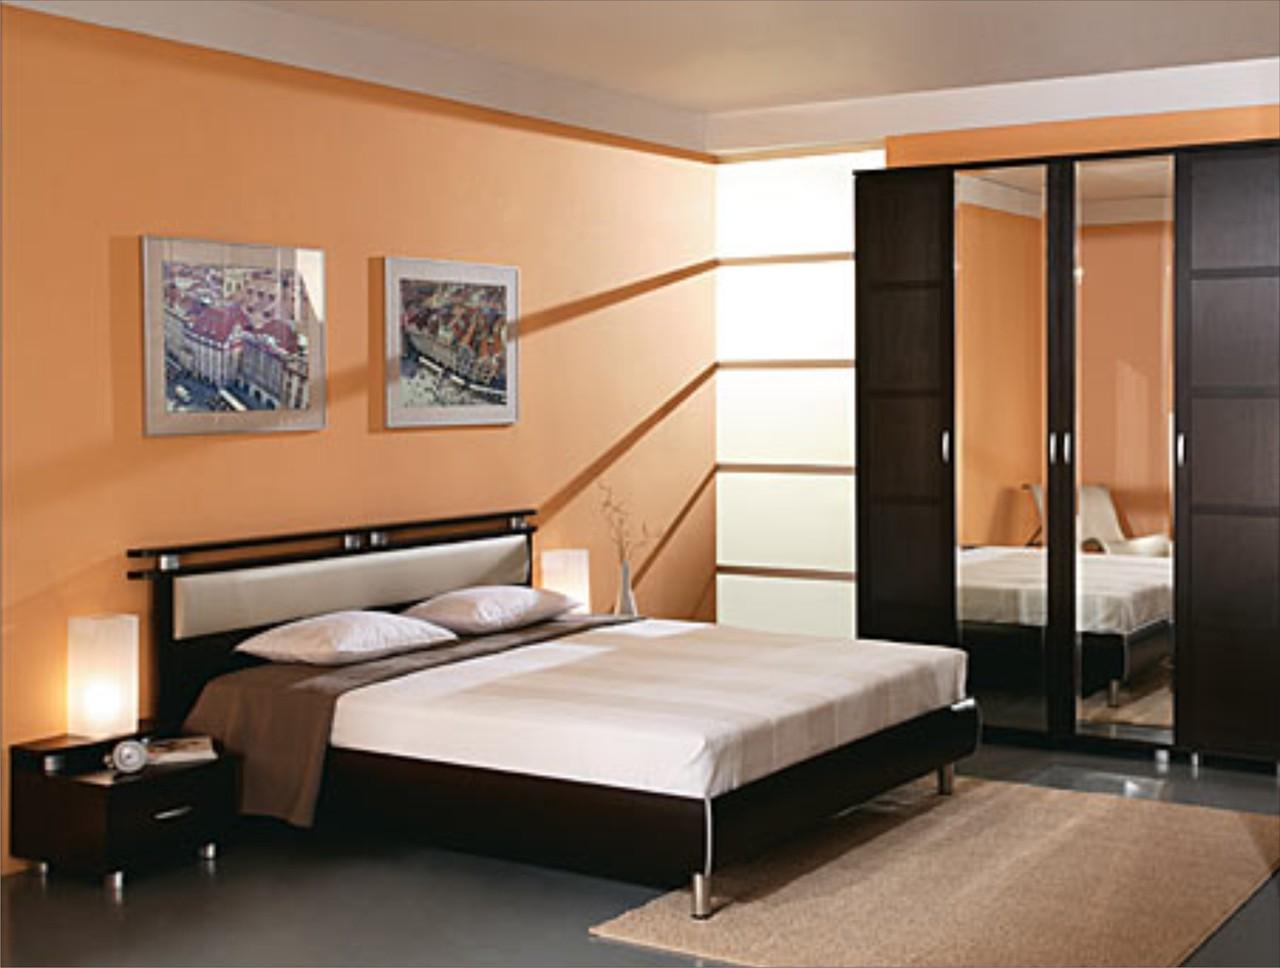 Мебель для спальни в современном стиле - дизайнерские решени.